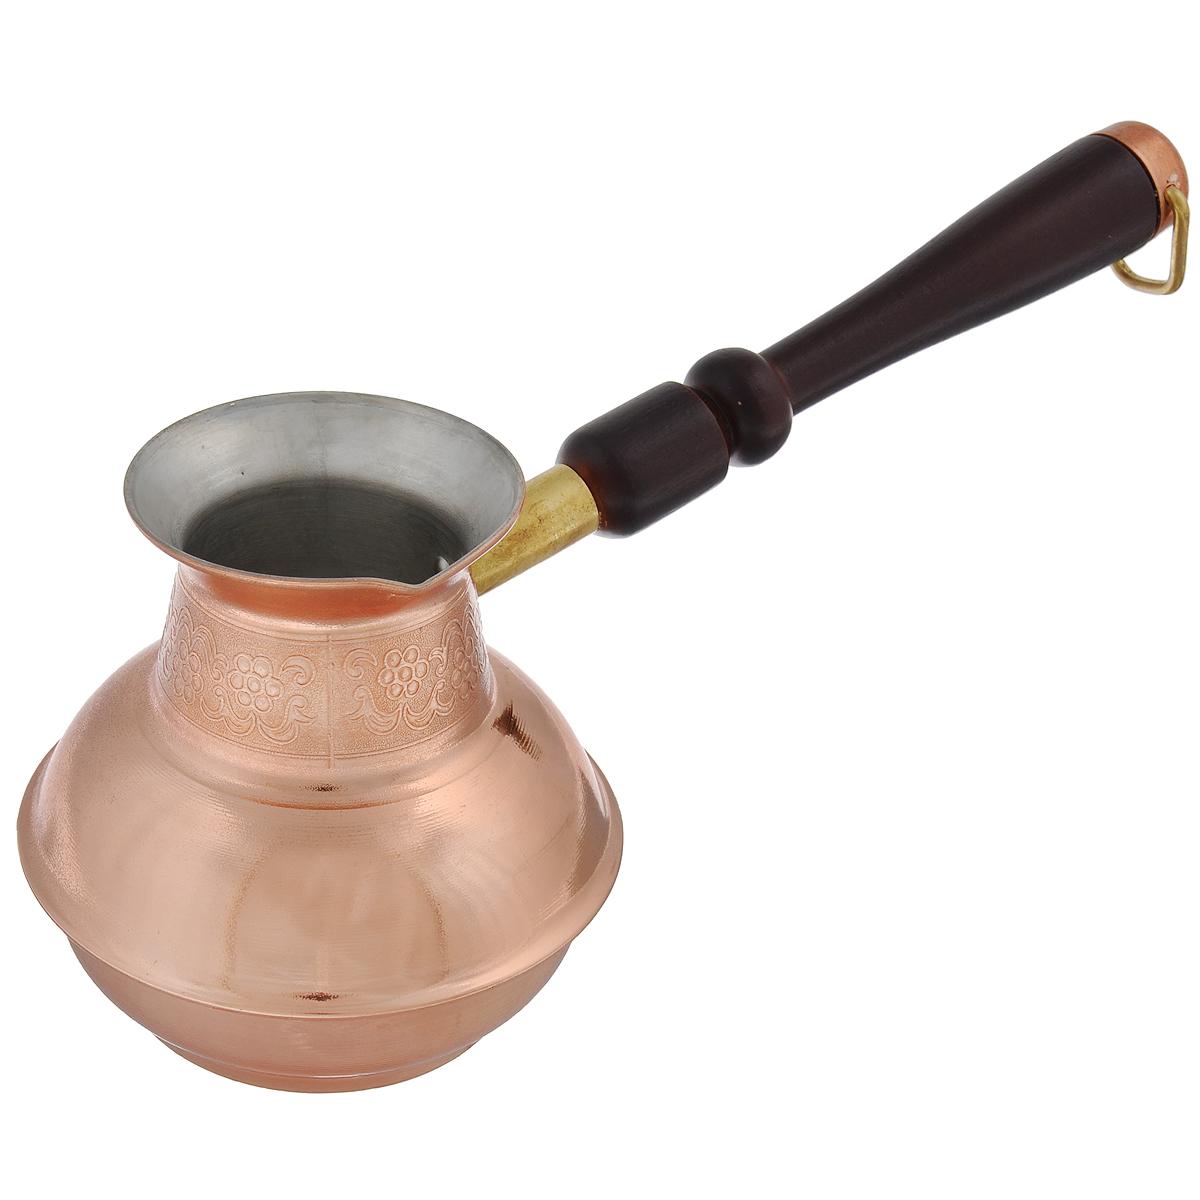 Кофеварка TimA Славяночка, со съемной ручкой, 500 мл391602Кофеварка TimA Славяночка прекрасно подходит для приготовления настоящего кофе на плите. Изготовлена из экологически чистой и высококачественной меди марки М1М. Внутренняя поверхность кофеварки покрыта двойным слоем пищевого олова, а внешняя - жаростойким прозрачным лаком. Это противодействует окислению (потемнению) и приятно радует глаз цветом настоящей меди. Кофеварка оснащена удобным носиком для слива жидкости и деревянной съемной ручкой (ручка прикручивается против часовой стрелки). Внешняя поверхность оформлена рельефным цветочным рисунком. Такая кофеварка органично впишется в интерьер вашей кухни, а благодаря эксклюзивному дизайну станет замечательным подарком к любому случаю. Подходит для газовых, электрических, стеклокерамических плит. Не подходит для индукционных плит. Не рекомендуется мыть в посудомоечной машине. Диаметр (по верхнему краю): 6,5 см. Высота стенки: 10,5 см. Длина ручки: 16,5 см.